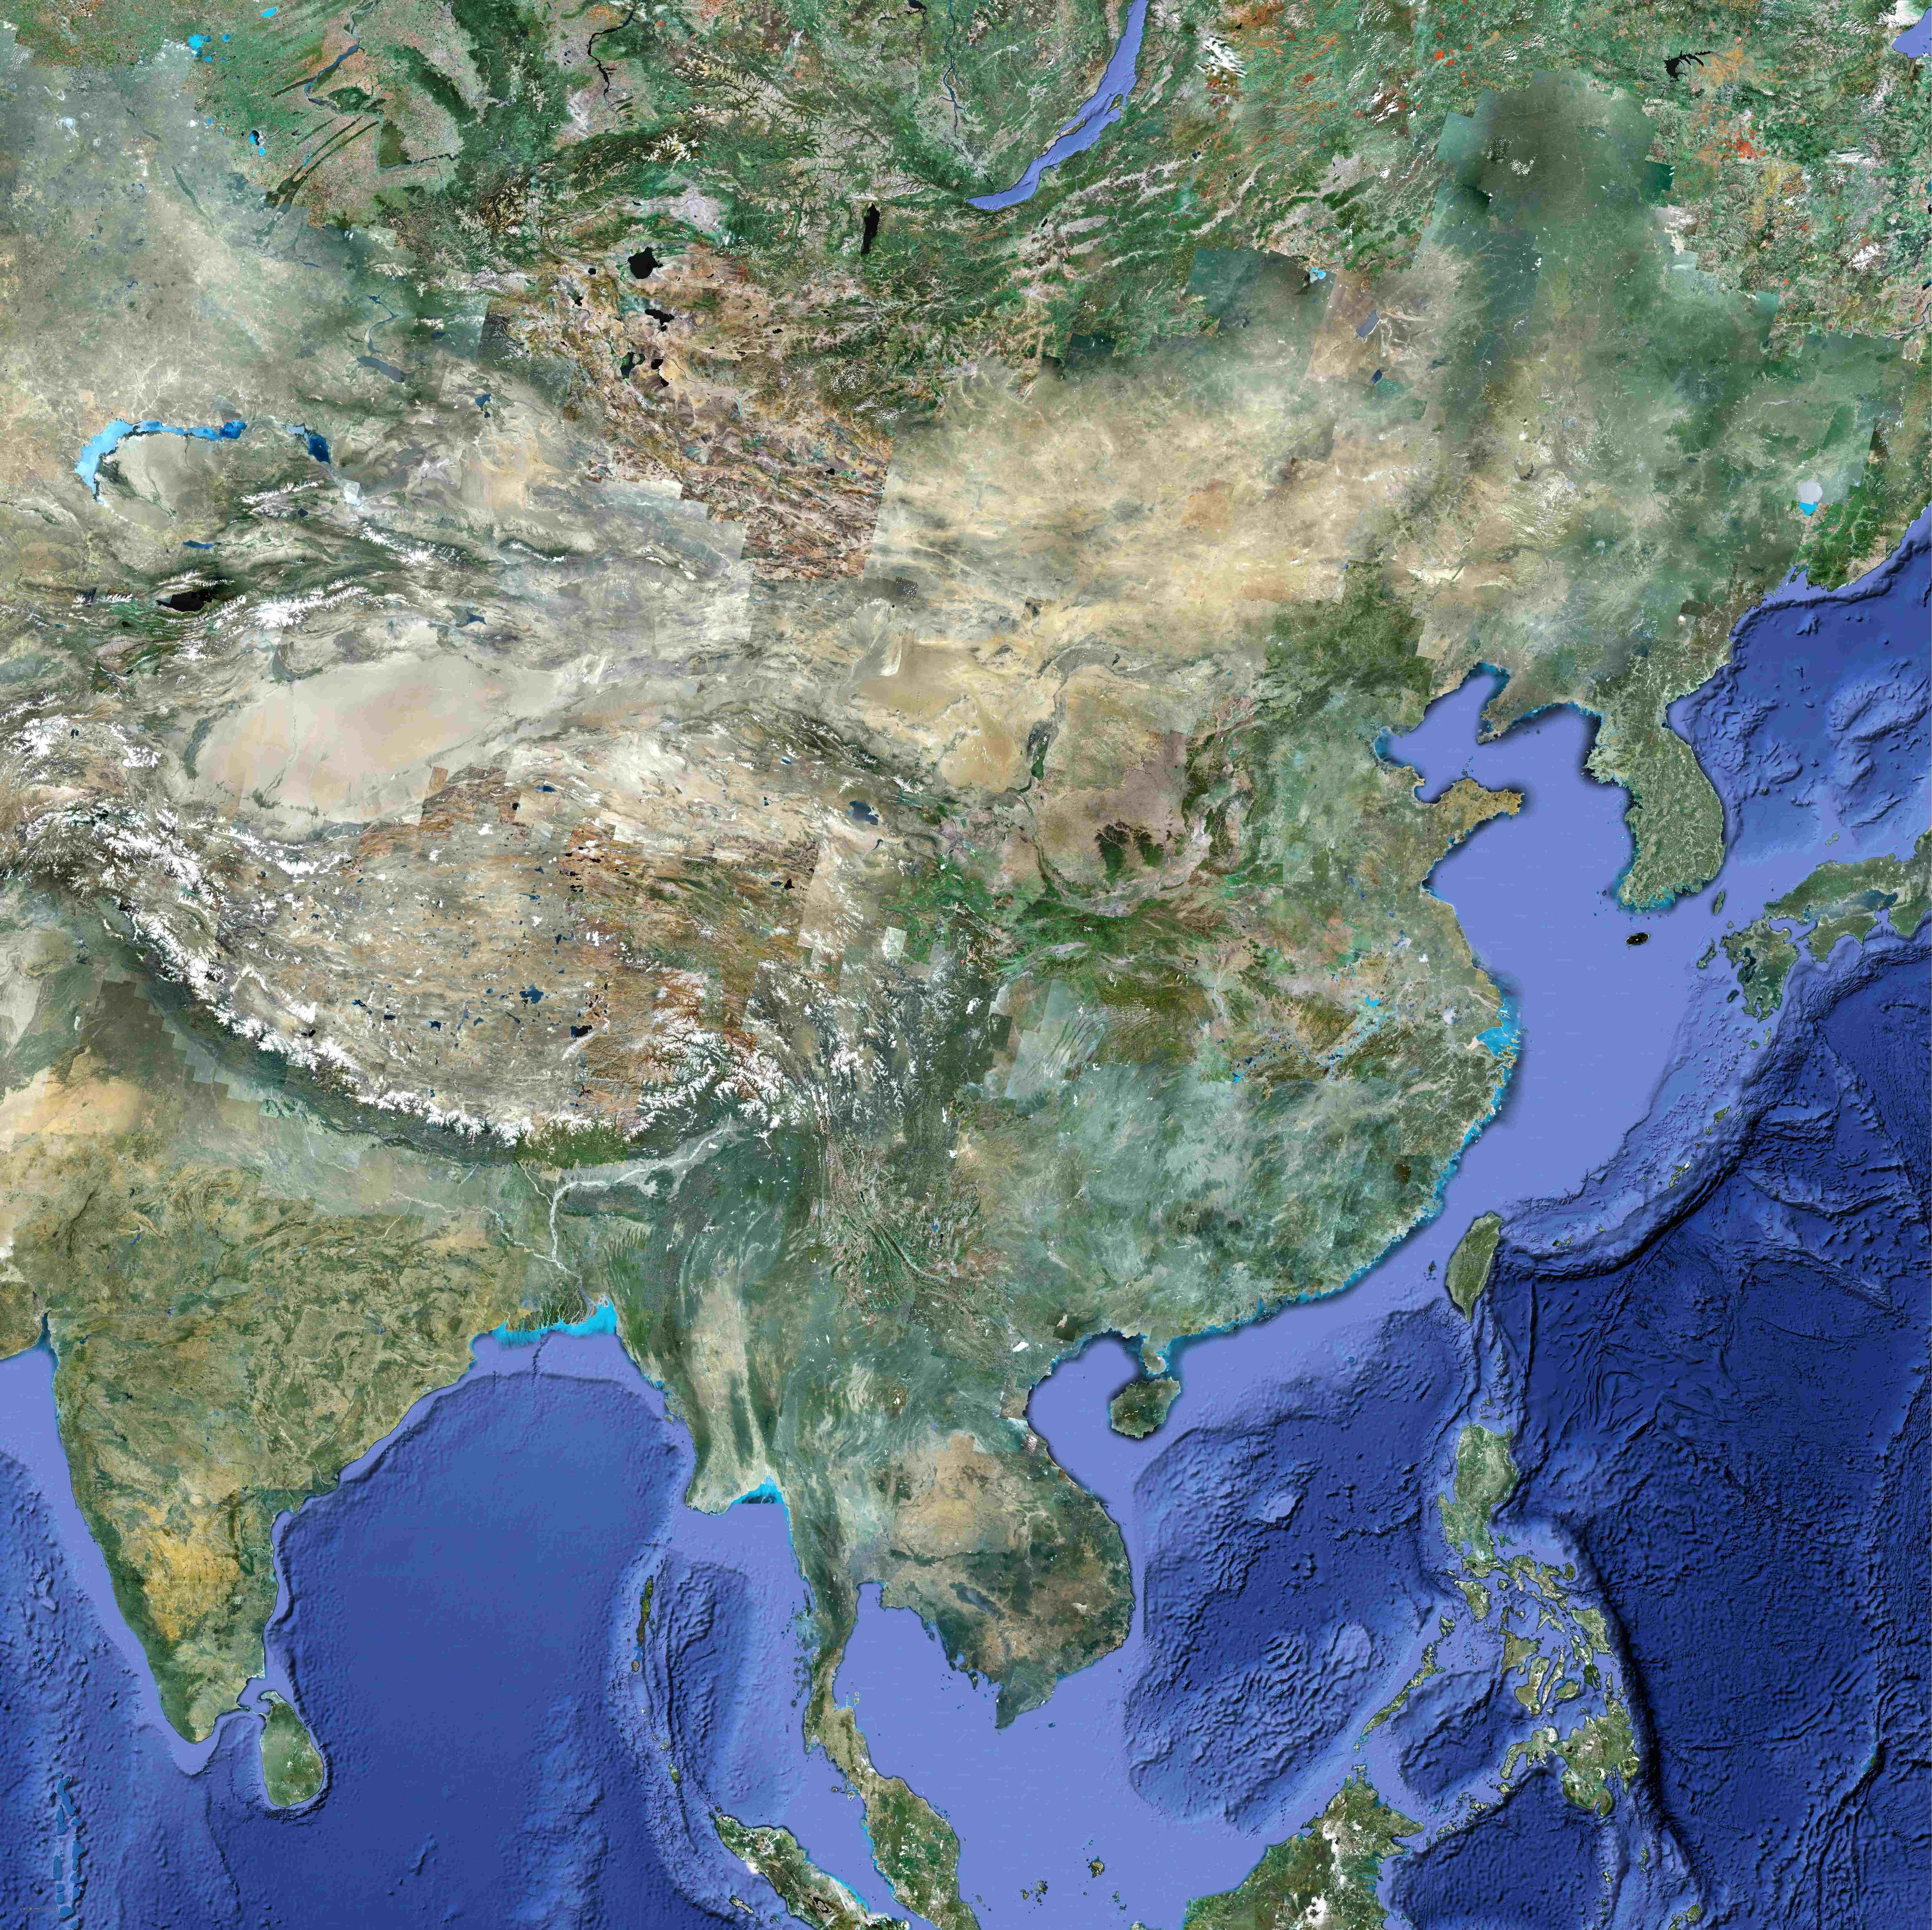 中国地图卫星地图超大(1.4亿像素)